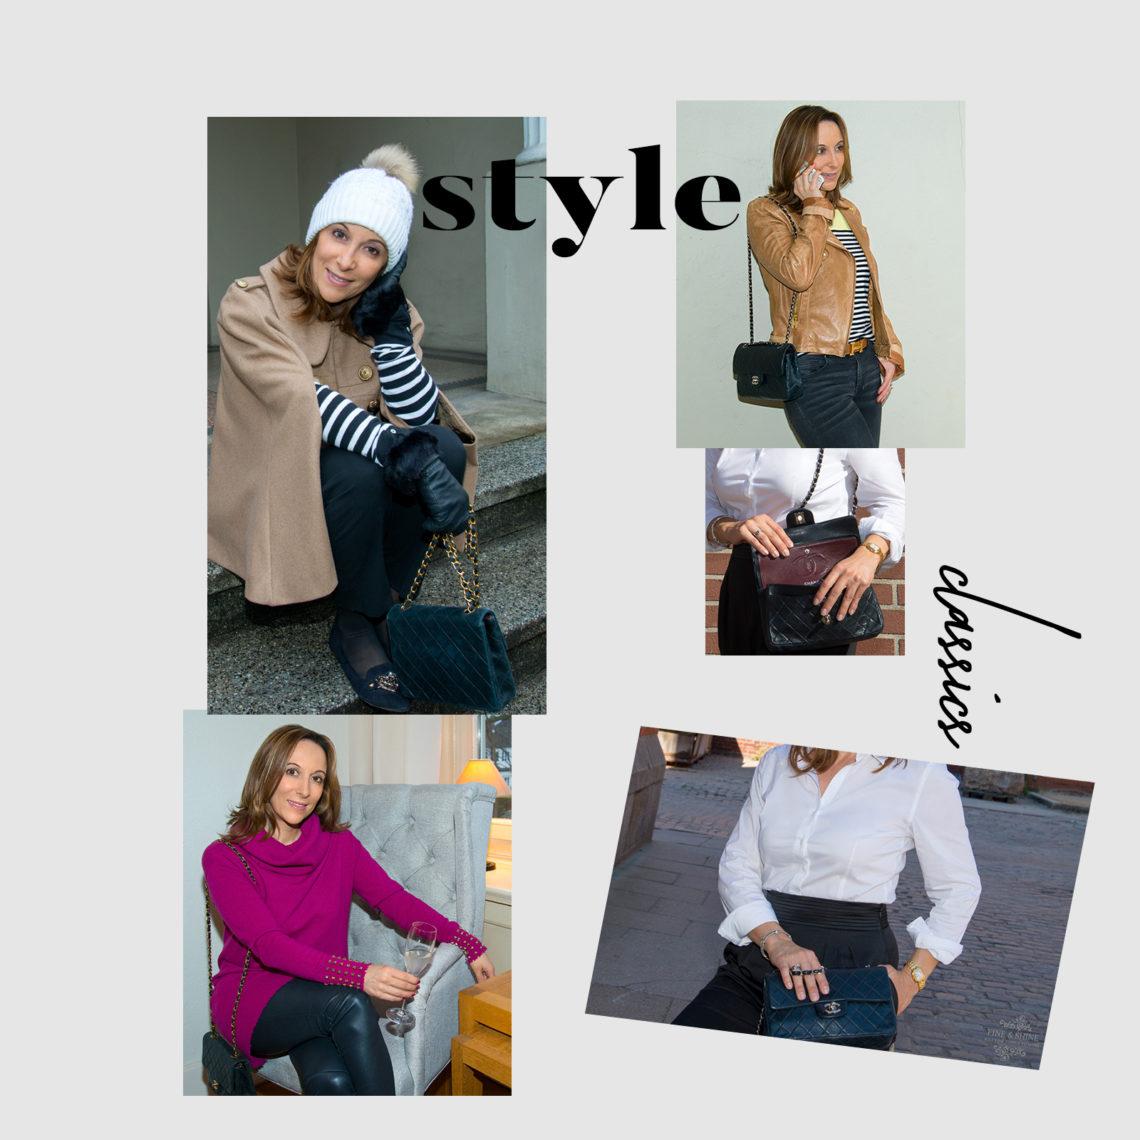 Chanel, Chanel 2.55, Coco Chanel, elegant, Handtasche, Investment Tasche, Investmenttasche, It-Bag, Klassiker, Kultasche, Stepptasche, Stilklassiker, Style Classics - Chanel Bag, Style-Classics, zeitlos,